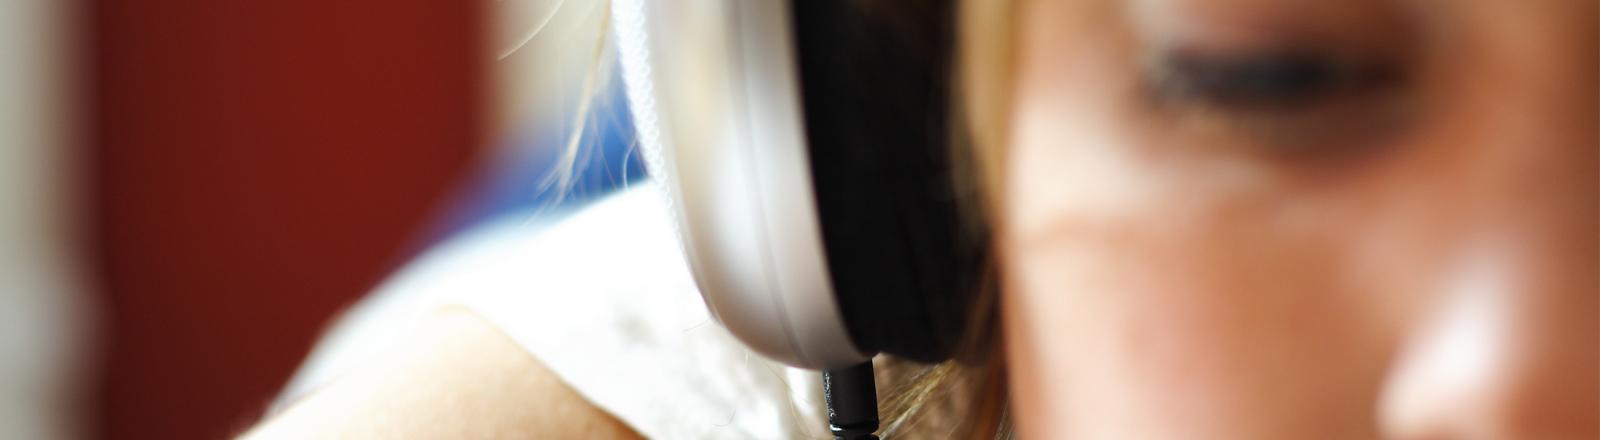 Frau trägt Kopfhörer und liest dabei.